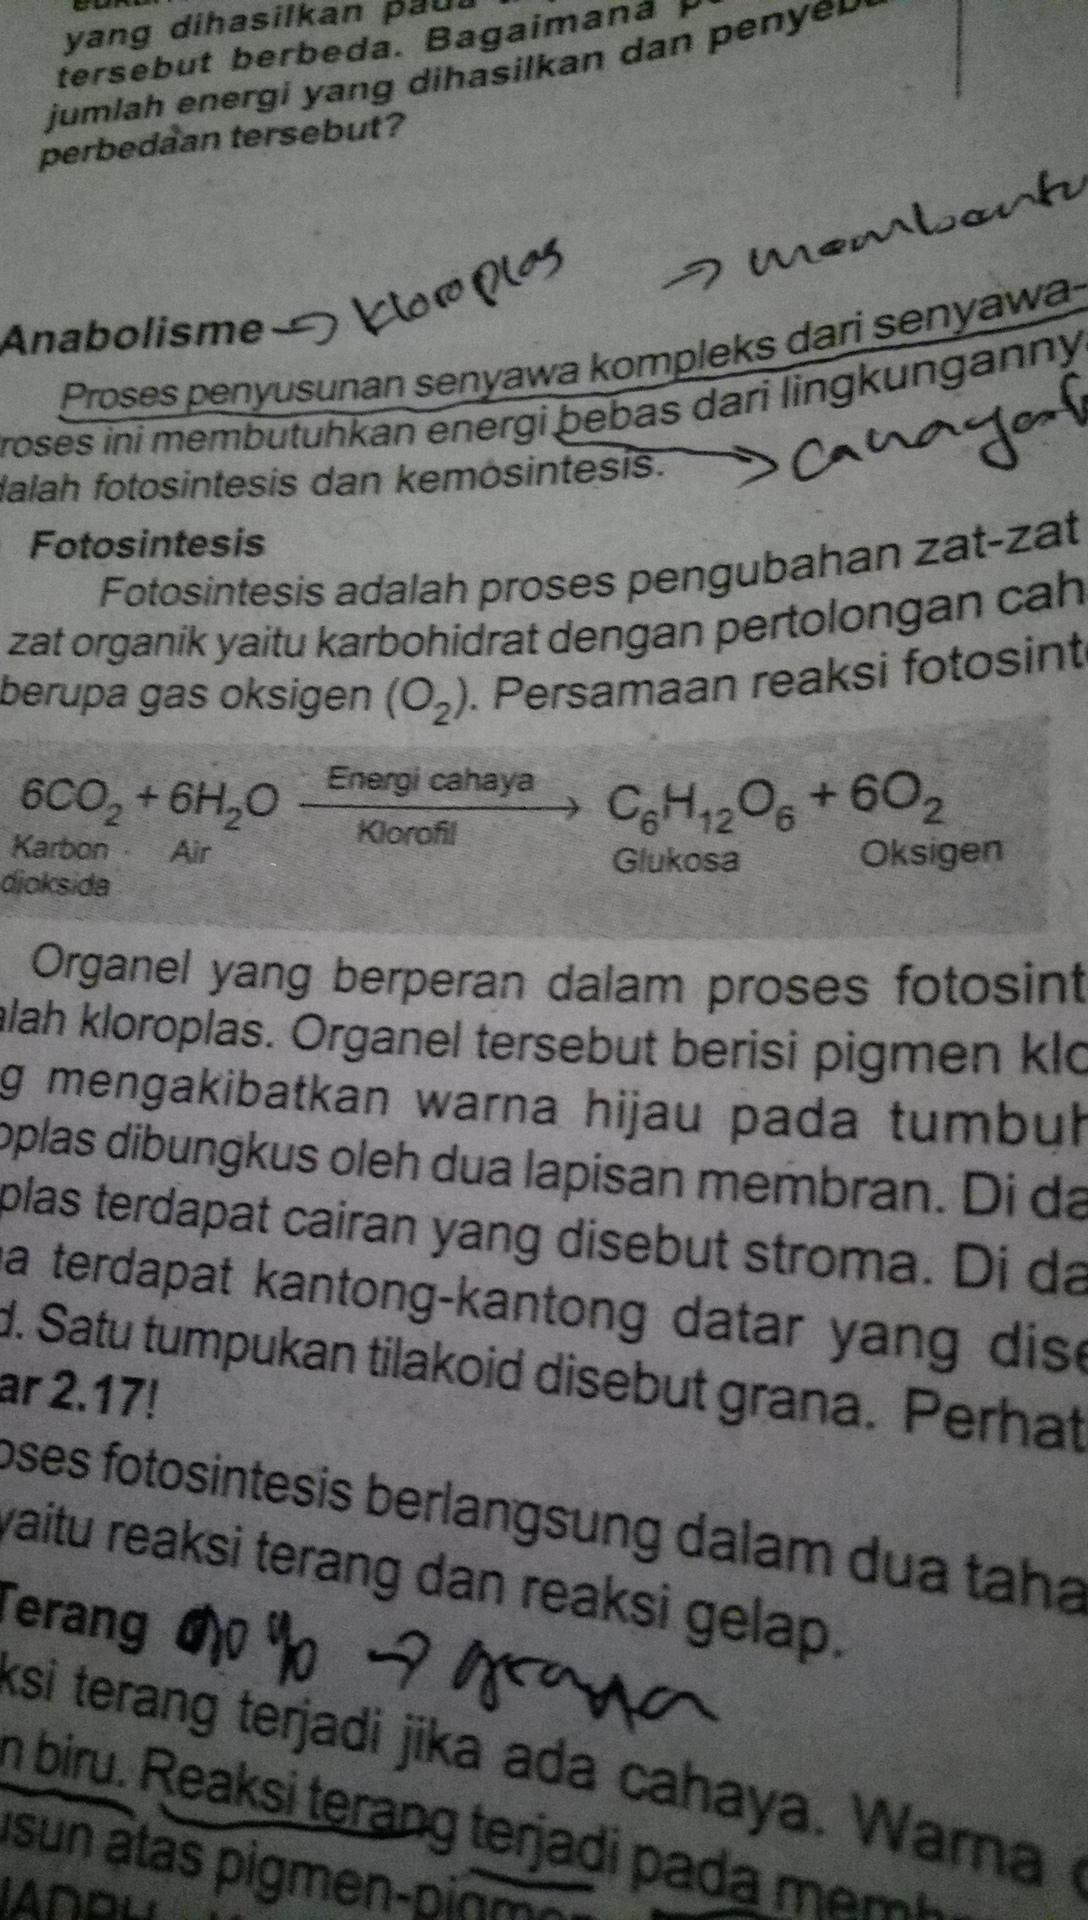 Persamaan Reaksi Kimia Pada Proses Fotosintesis Yang Terjadi Di Daun Banjarbaru